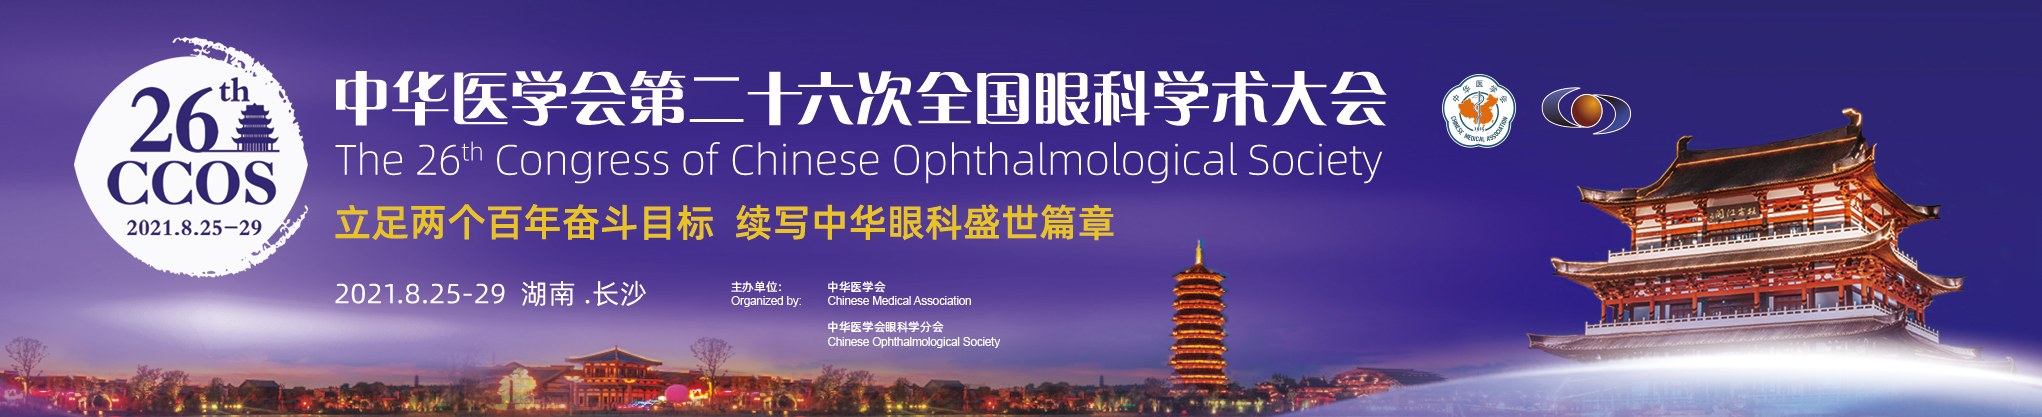 中华医学会第二十六次全国眼科学术大会